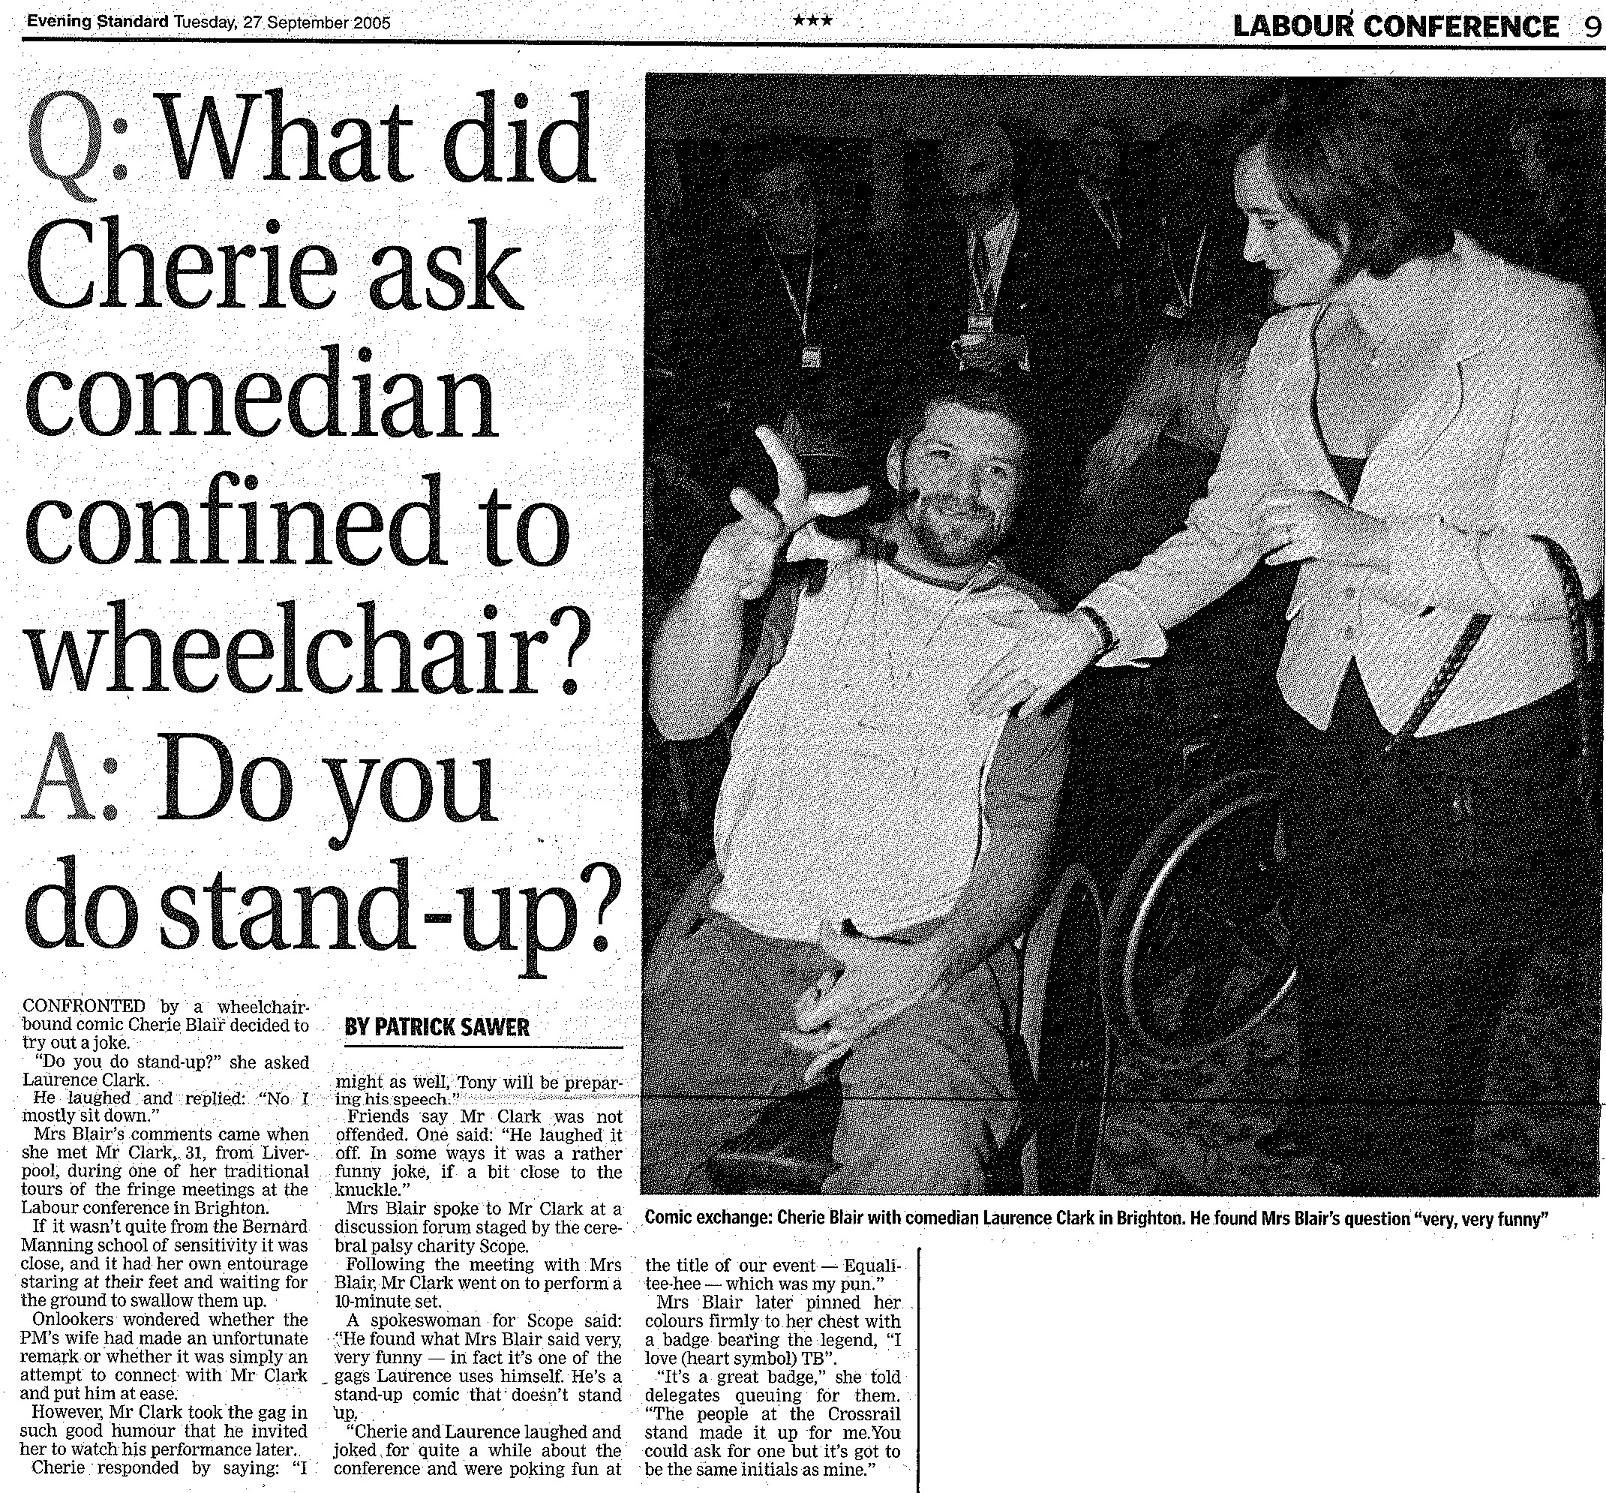 Evening Standard 27.9.05